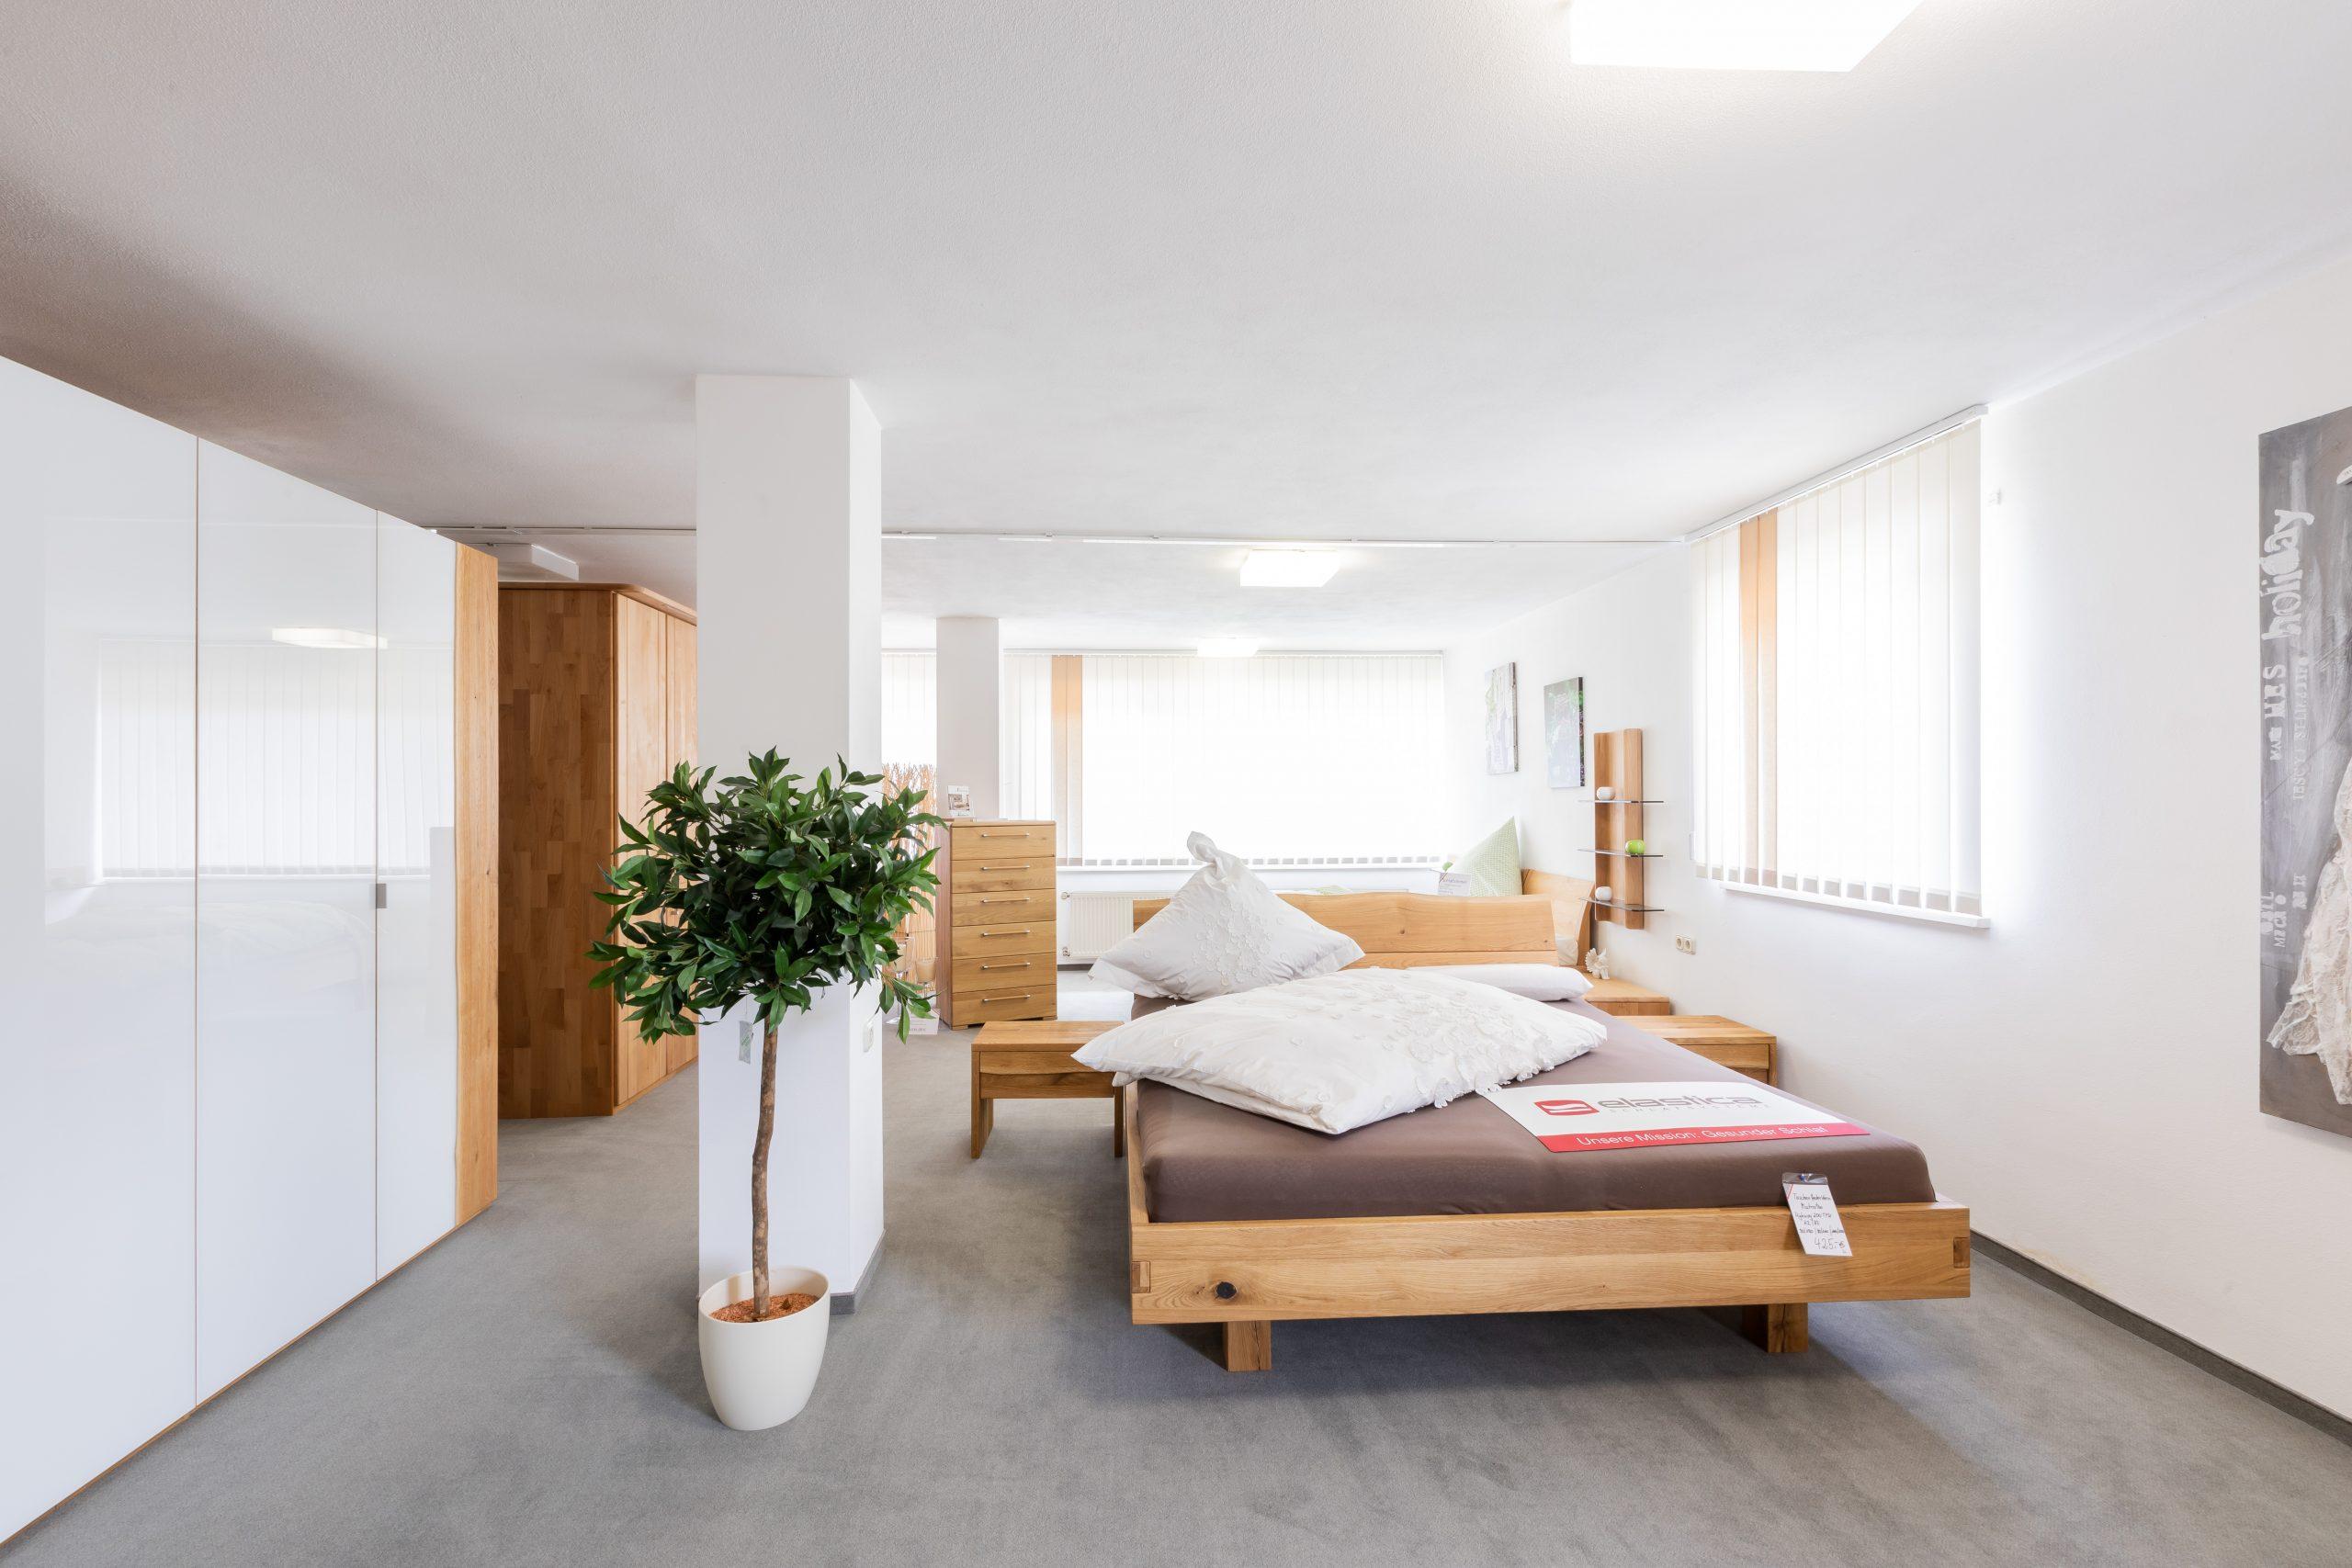 Große Schlafzimmerausstellung